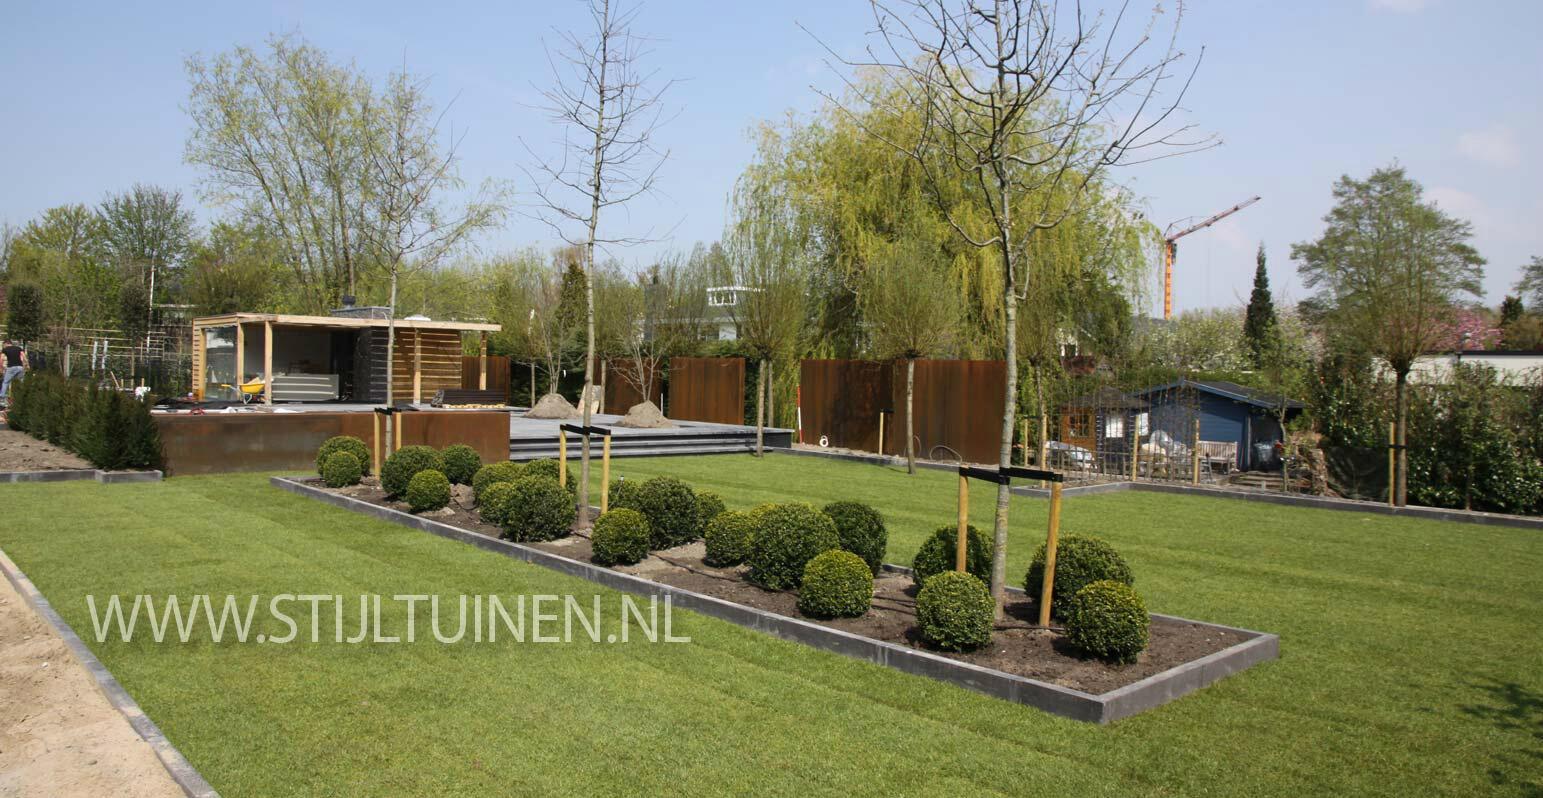 Erik van gelder on twitter project van de week tuin for Erik van gelder stijltuinen